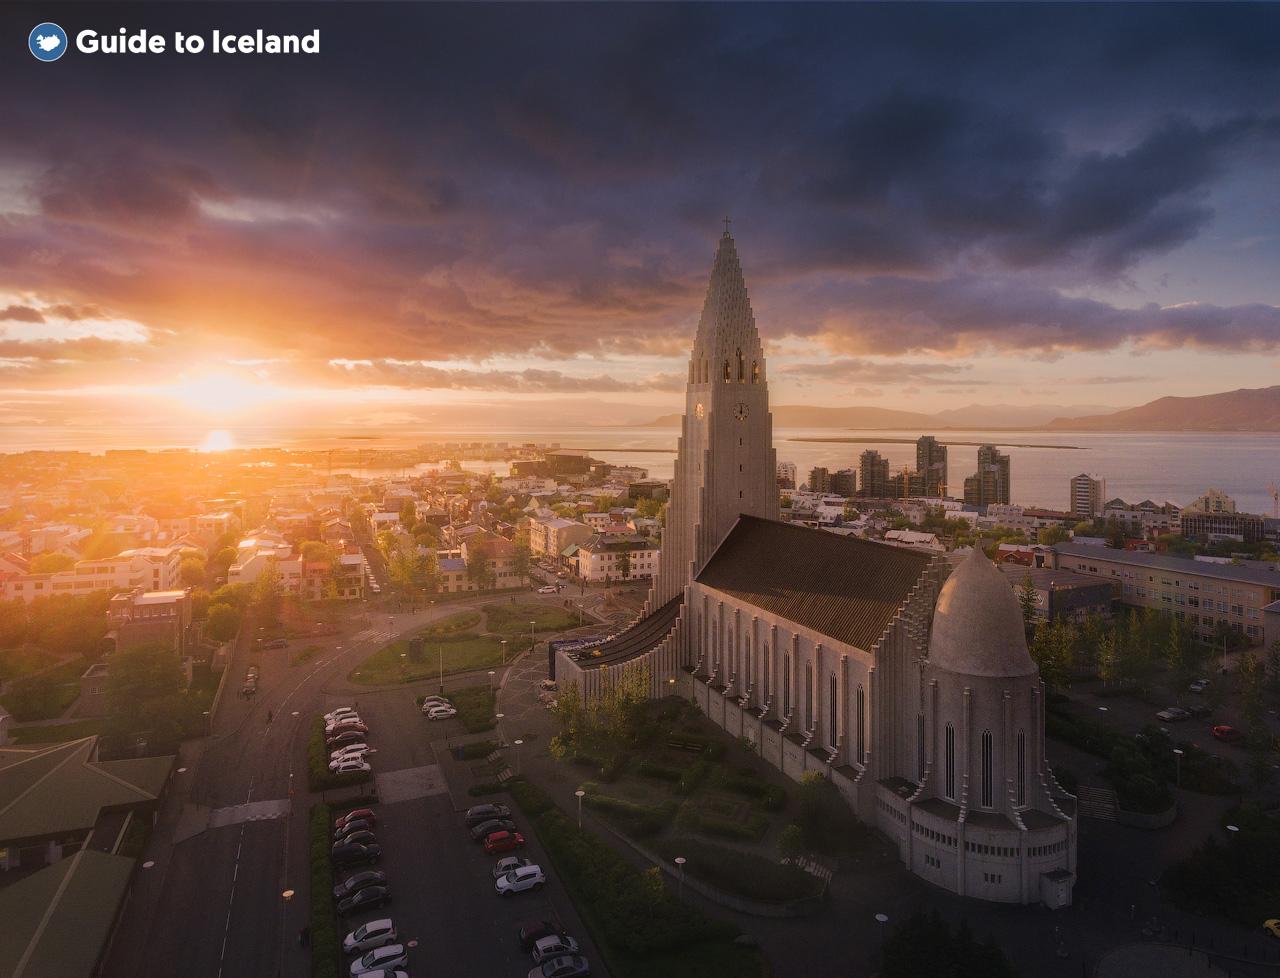 Stolica Islandii, Reykjavík, słynie z wielokolorowych dachów.